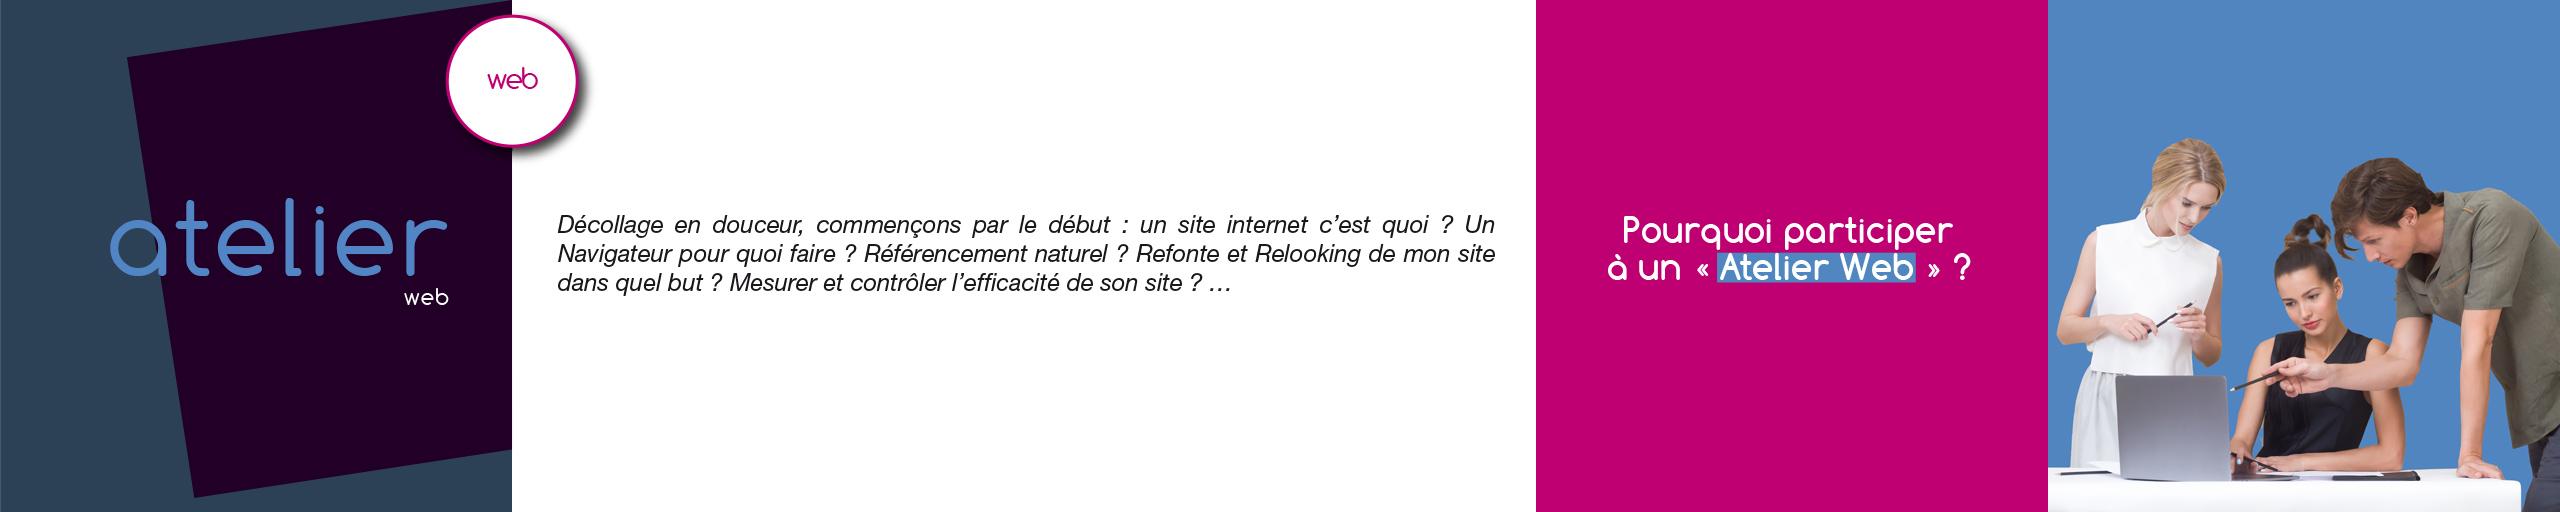 Atelier Web